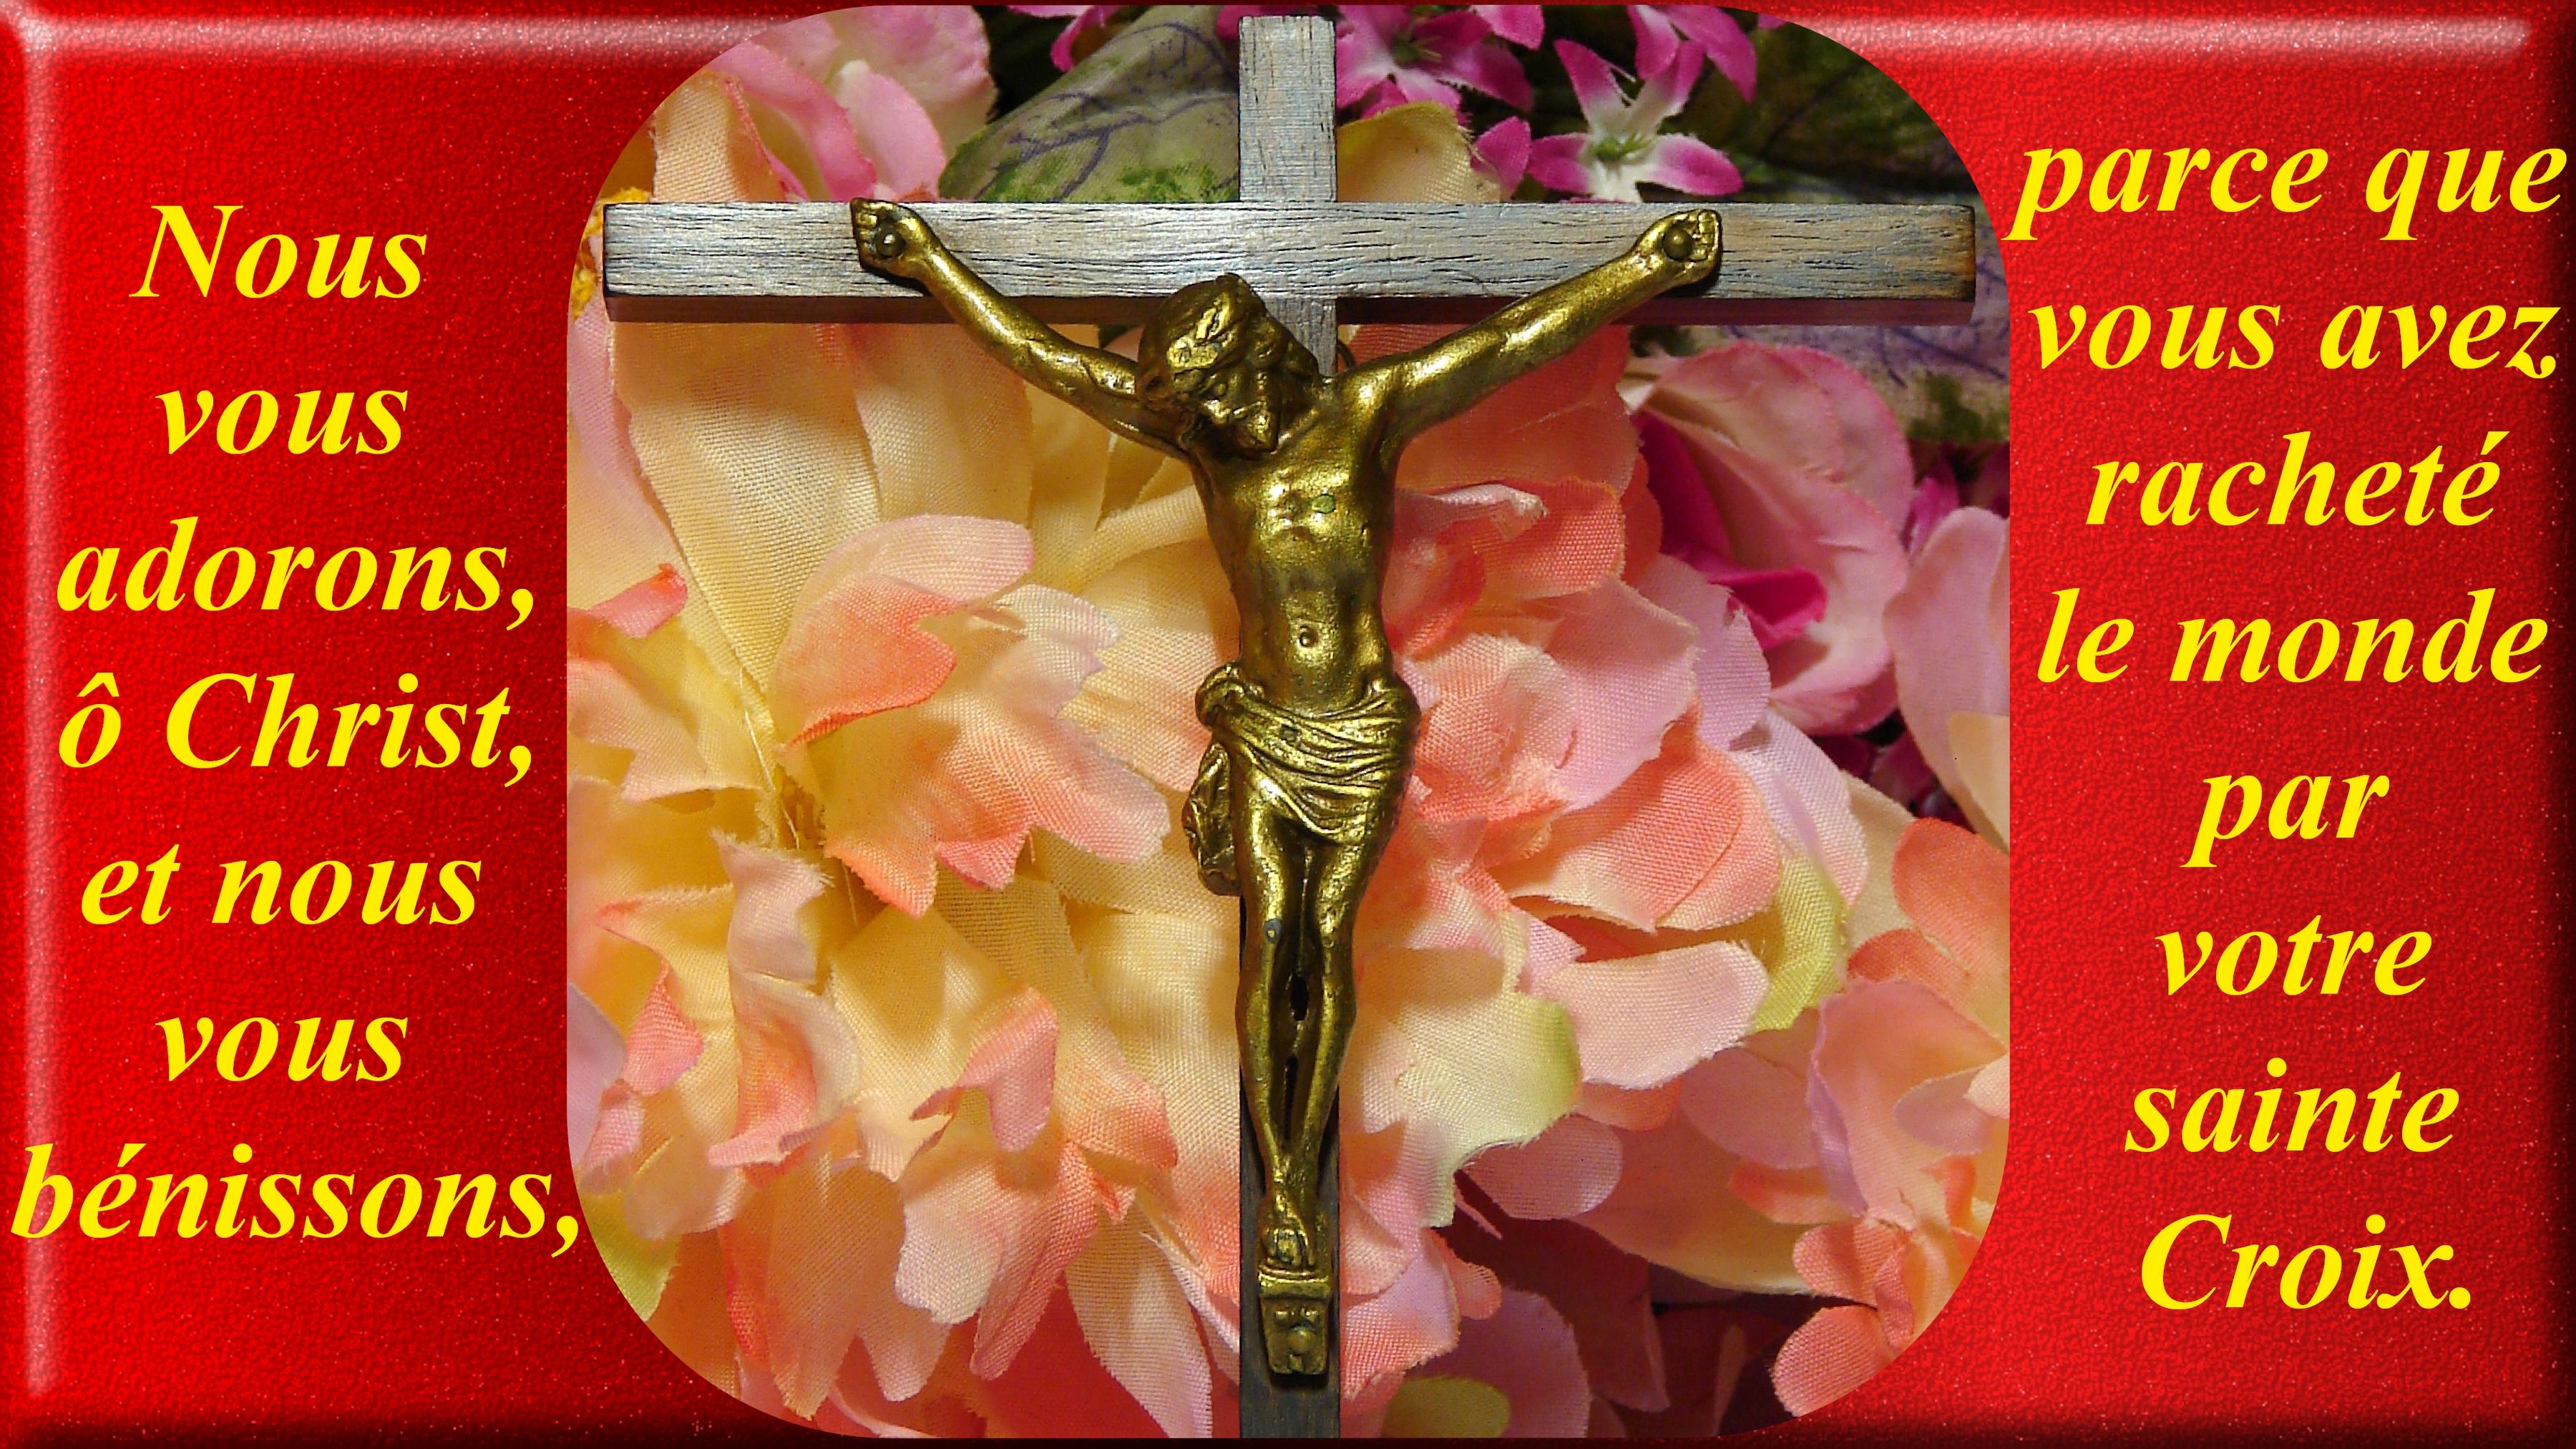 CALENDRIER CATHOLIQUE 2019 (Cantiques, Prières & Images) - Page 9 Le-crucifix-5690617